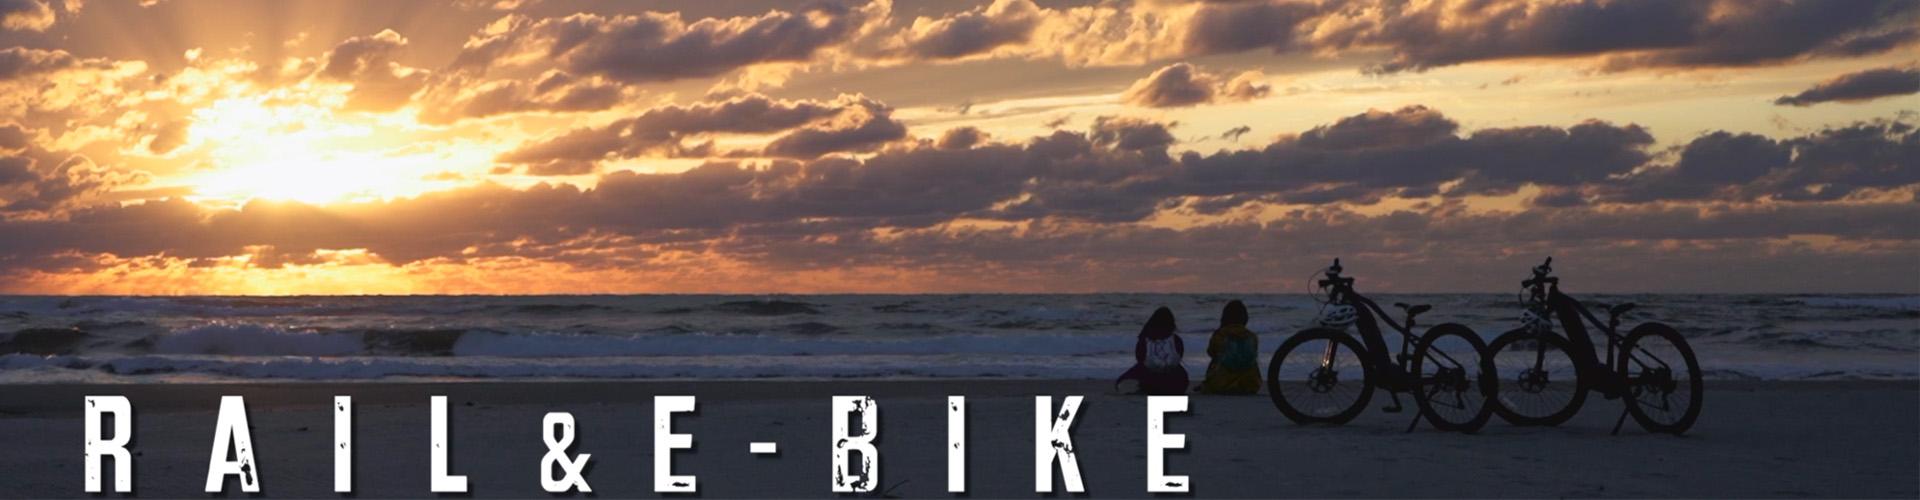 Rail & E-bike